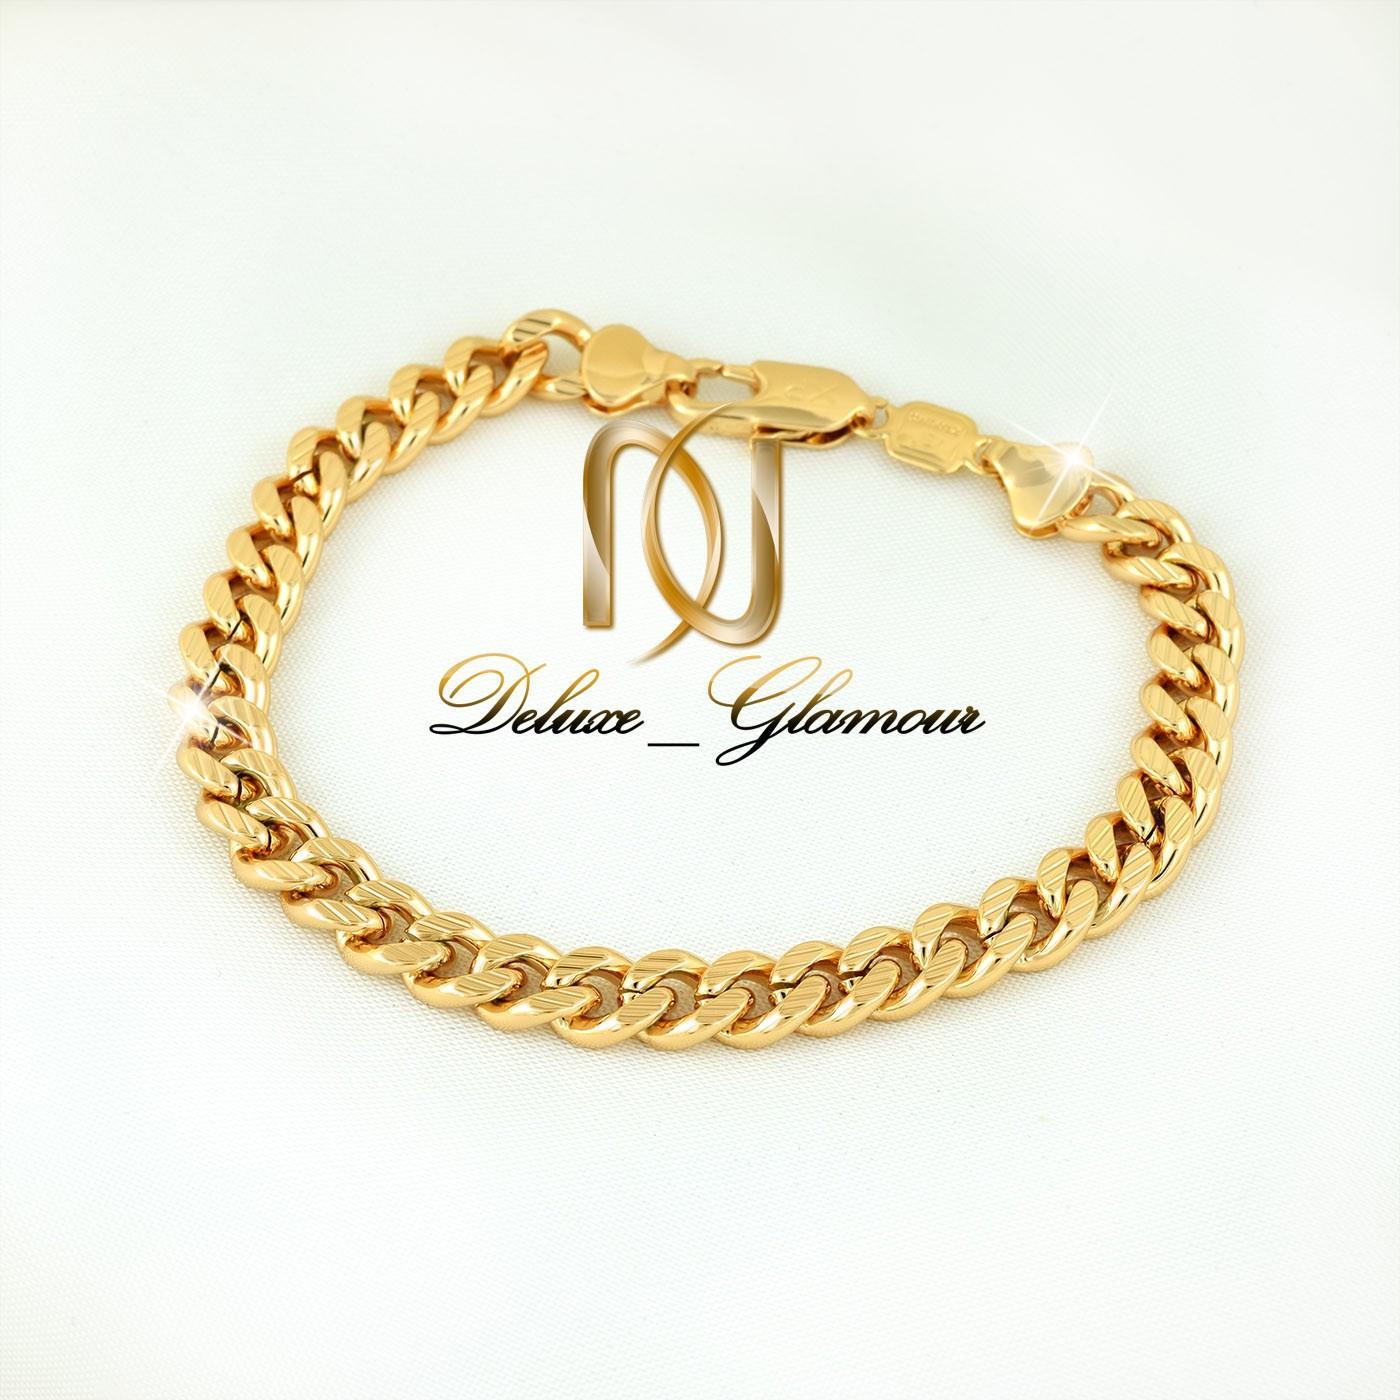 دستبند ژوپینگ زنانه طرح کارتیر ds-n268 از بالا کامل